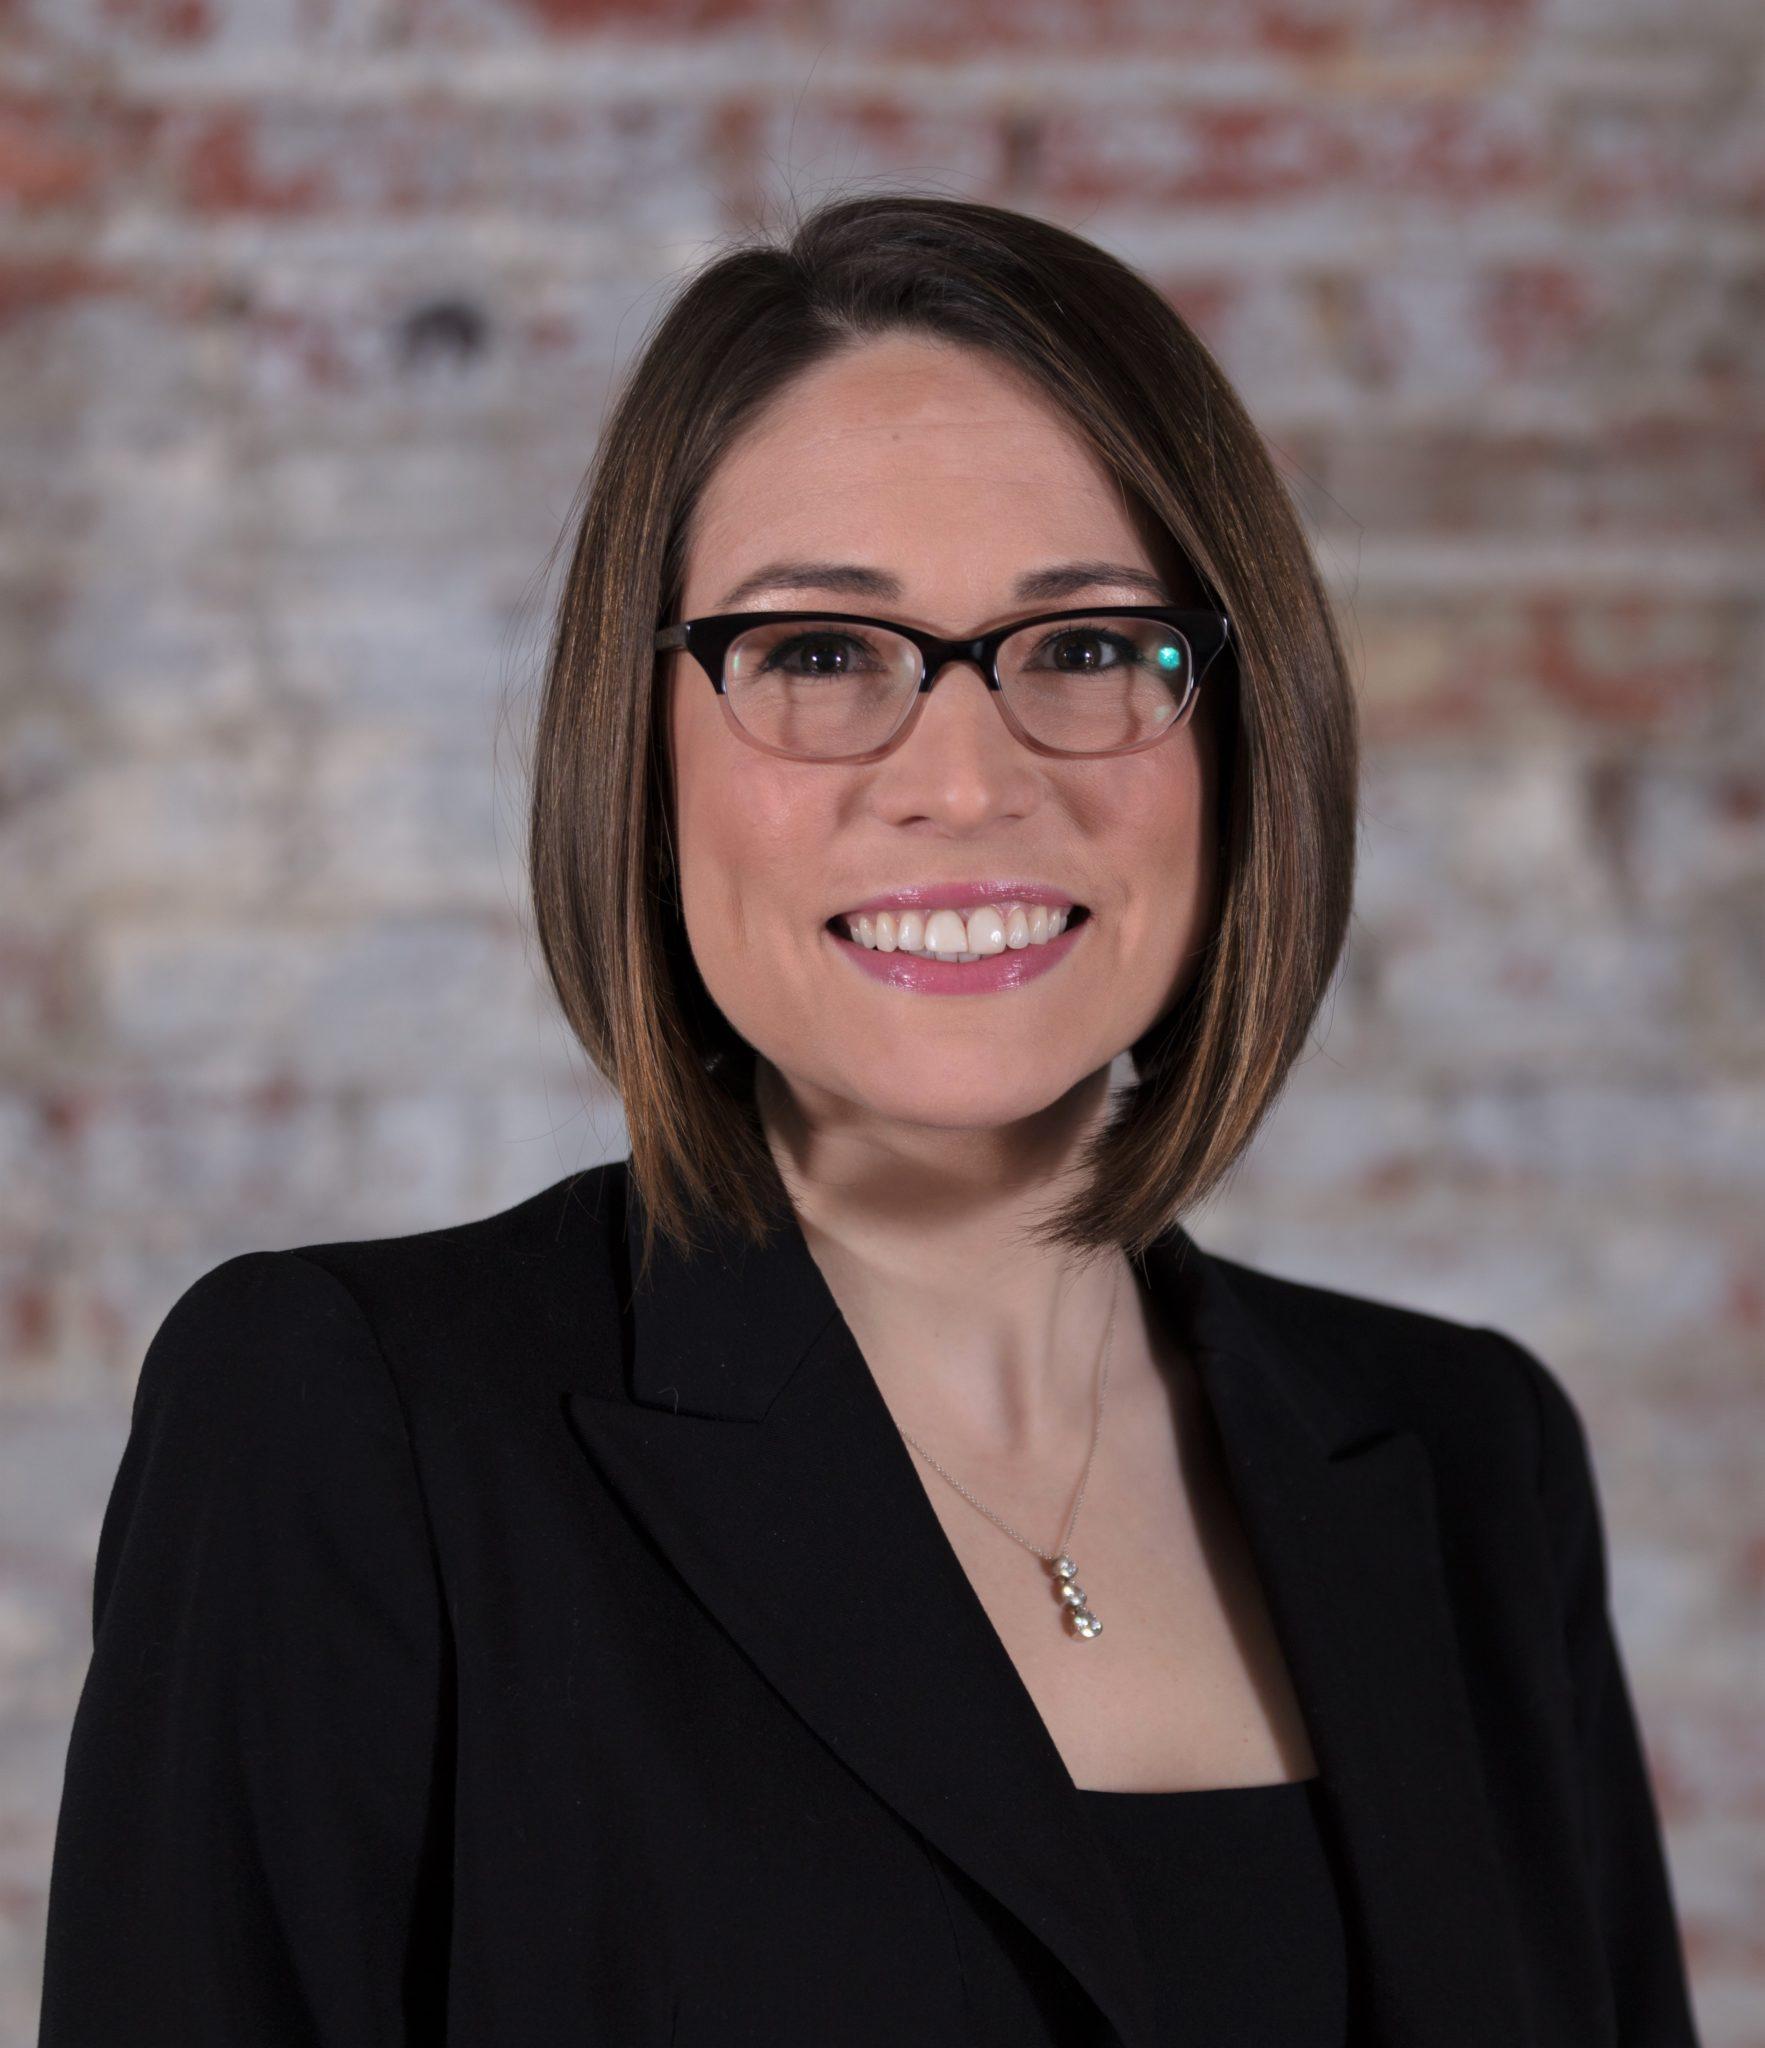 Emily Plahanski